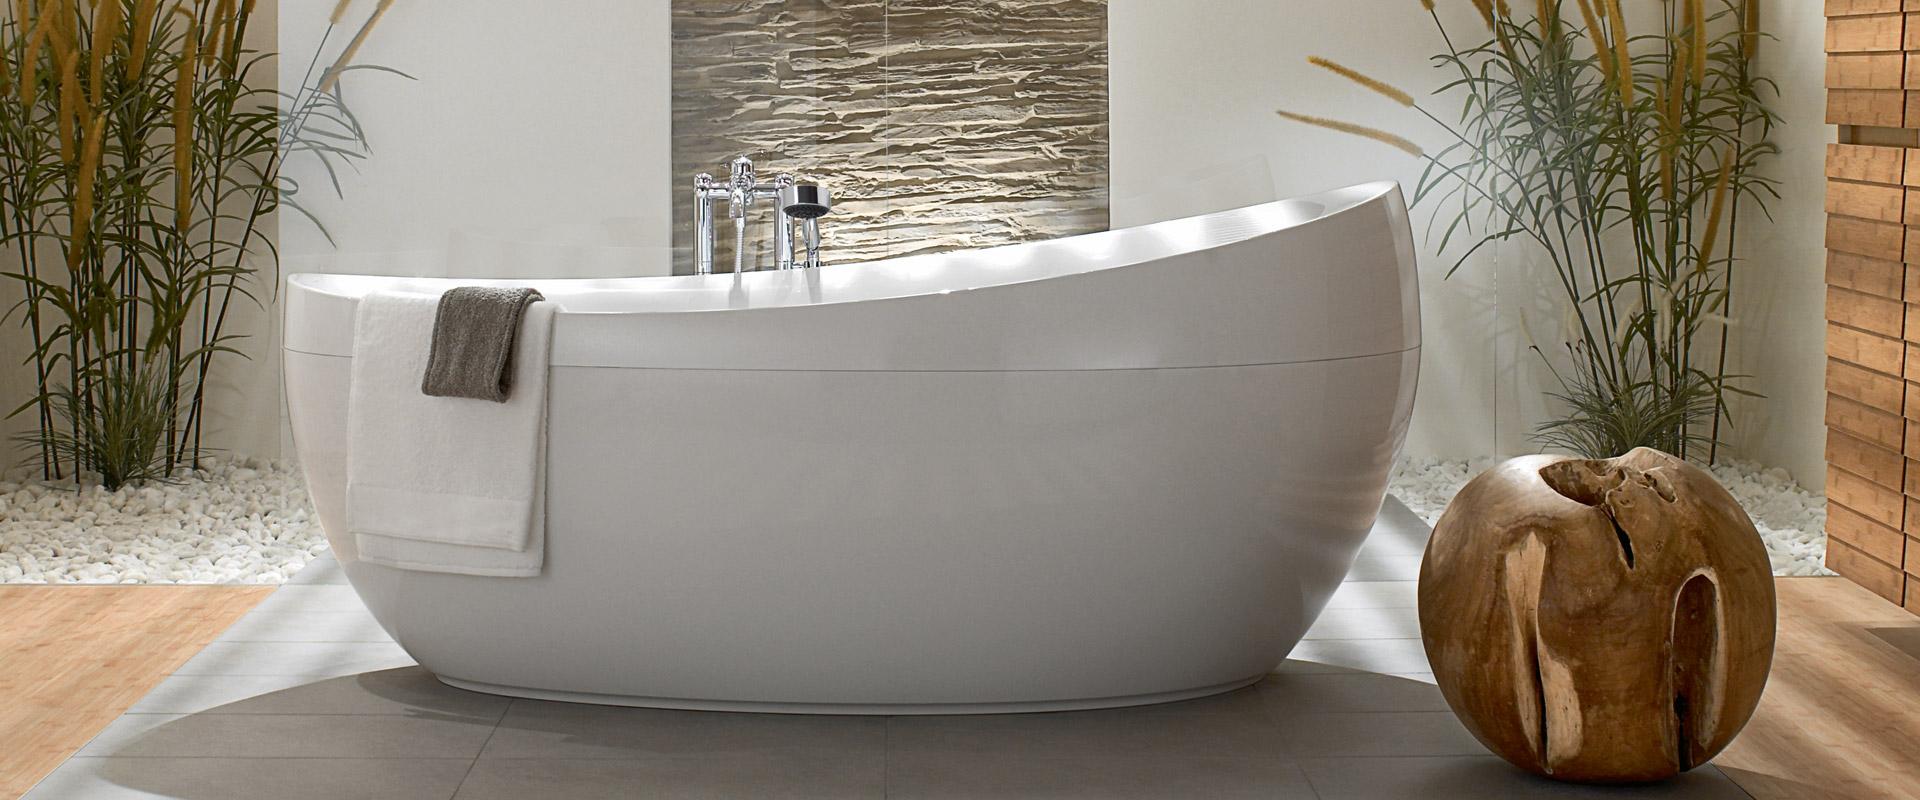 de collectie aveo van villeroy boch moderne vormgeving voor uw badkamer. Black Bedroom Furniture Sets. Home Design Ideas